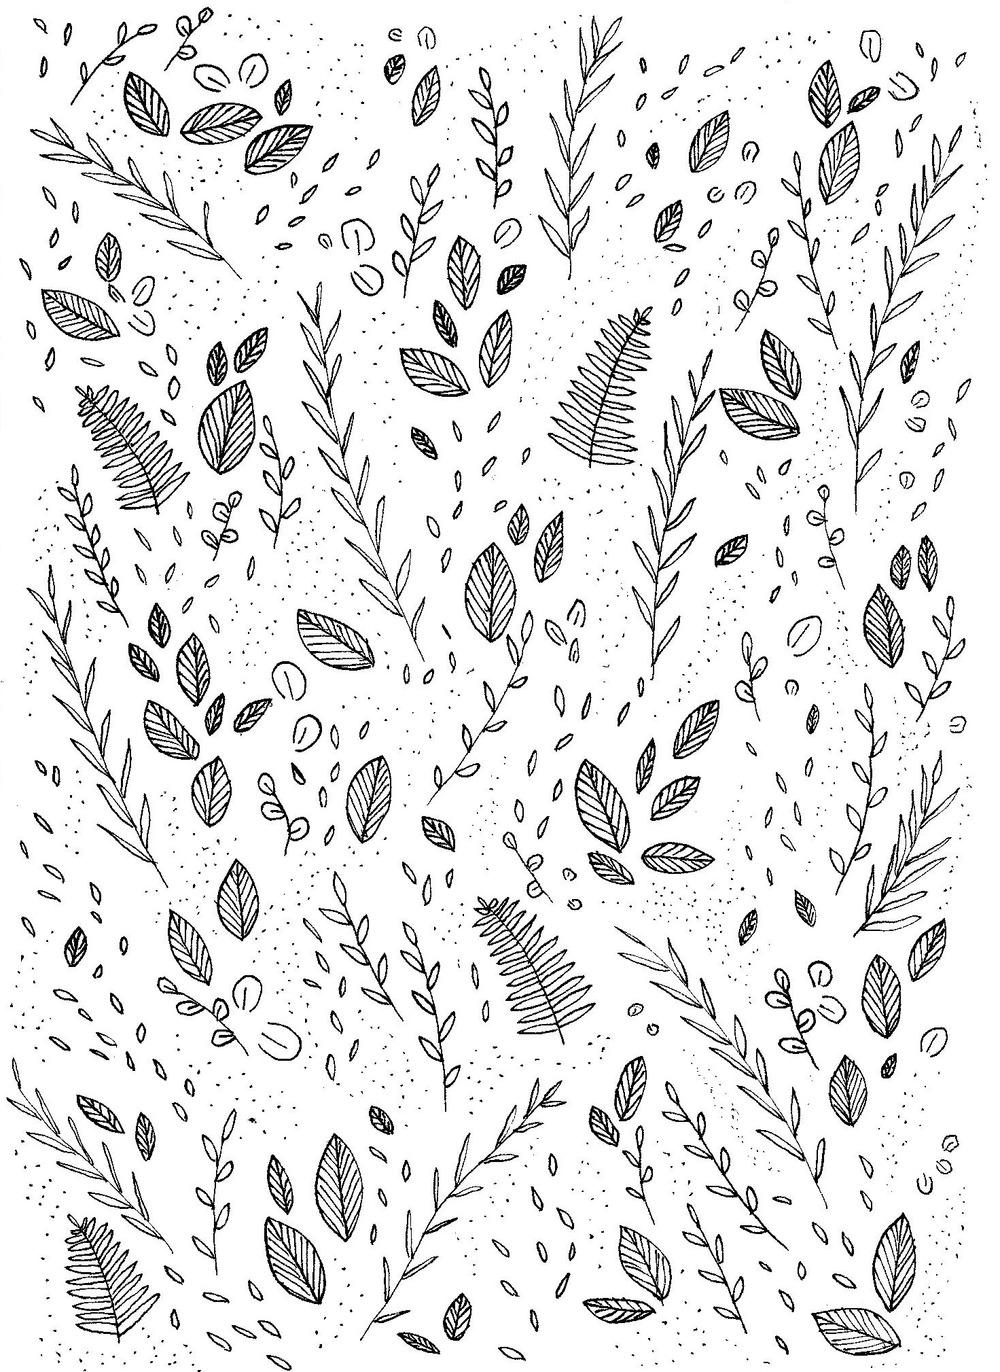 Leaf pattern - ink on paper